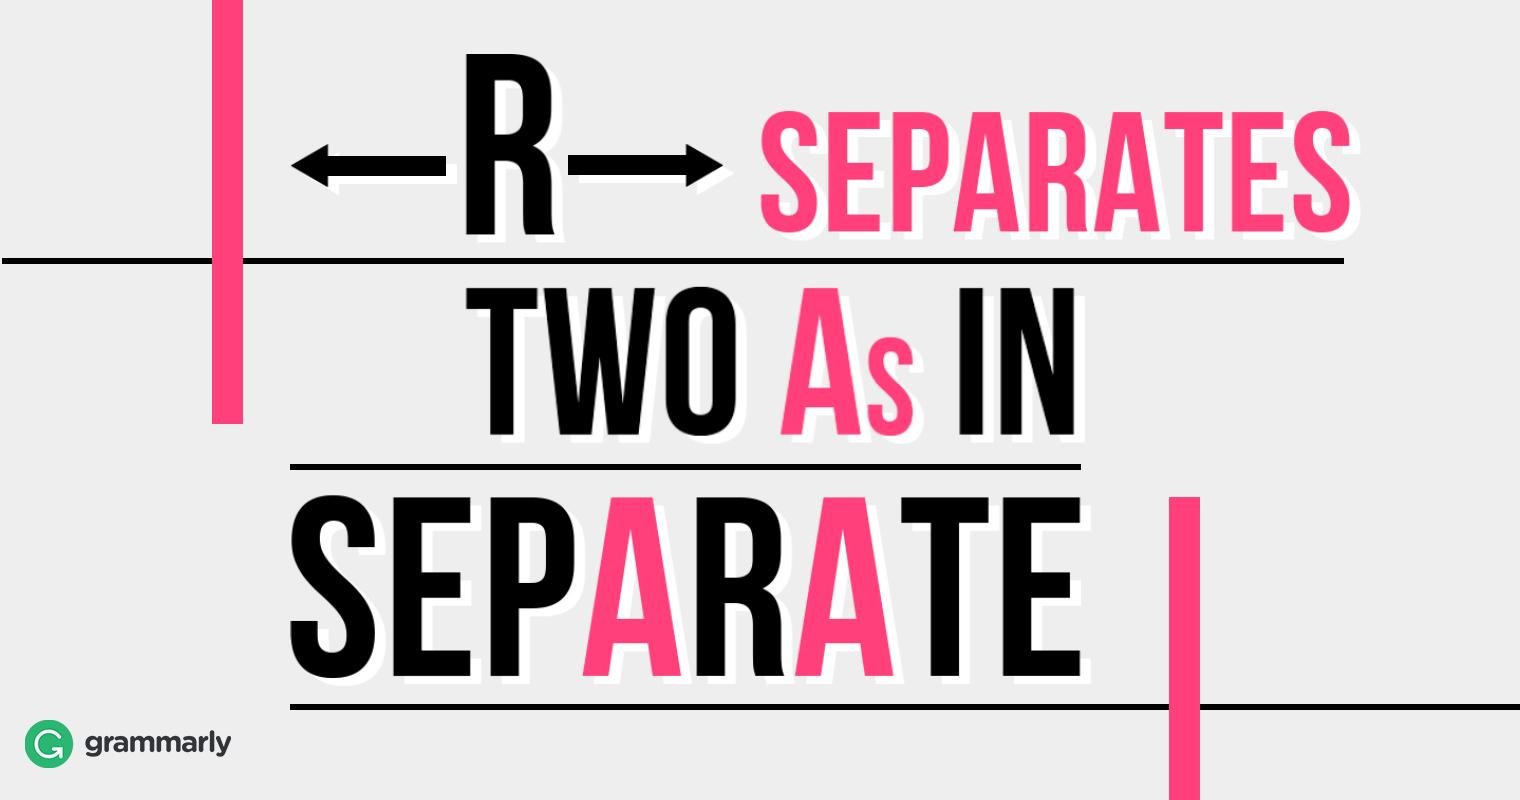 Separate vs. Seperate image